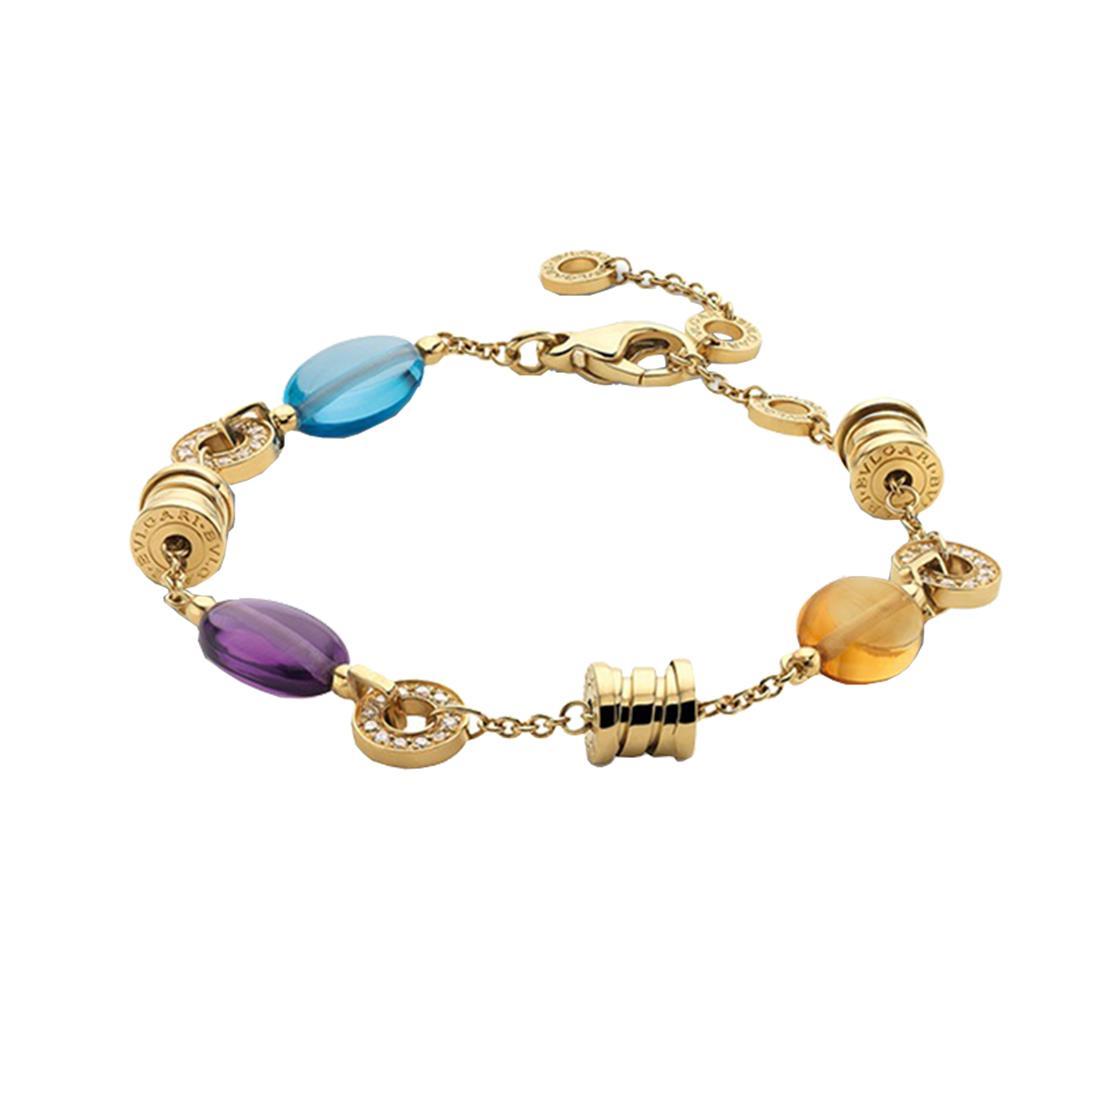 Bracciale in oro giallo con diamanti e pietre semi-preziose - BULGARI